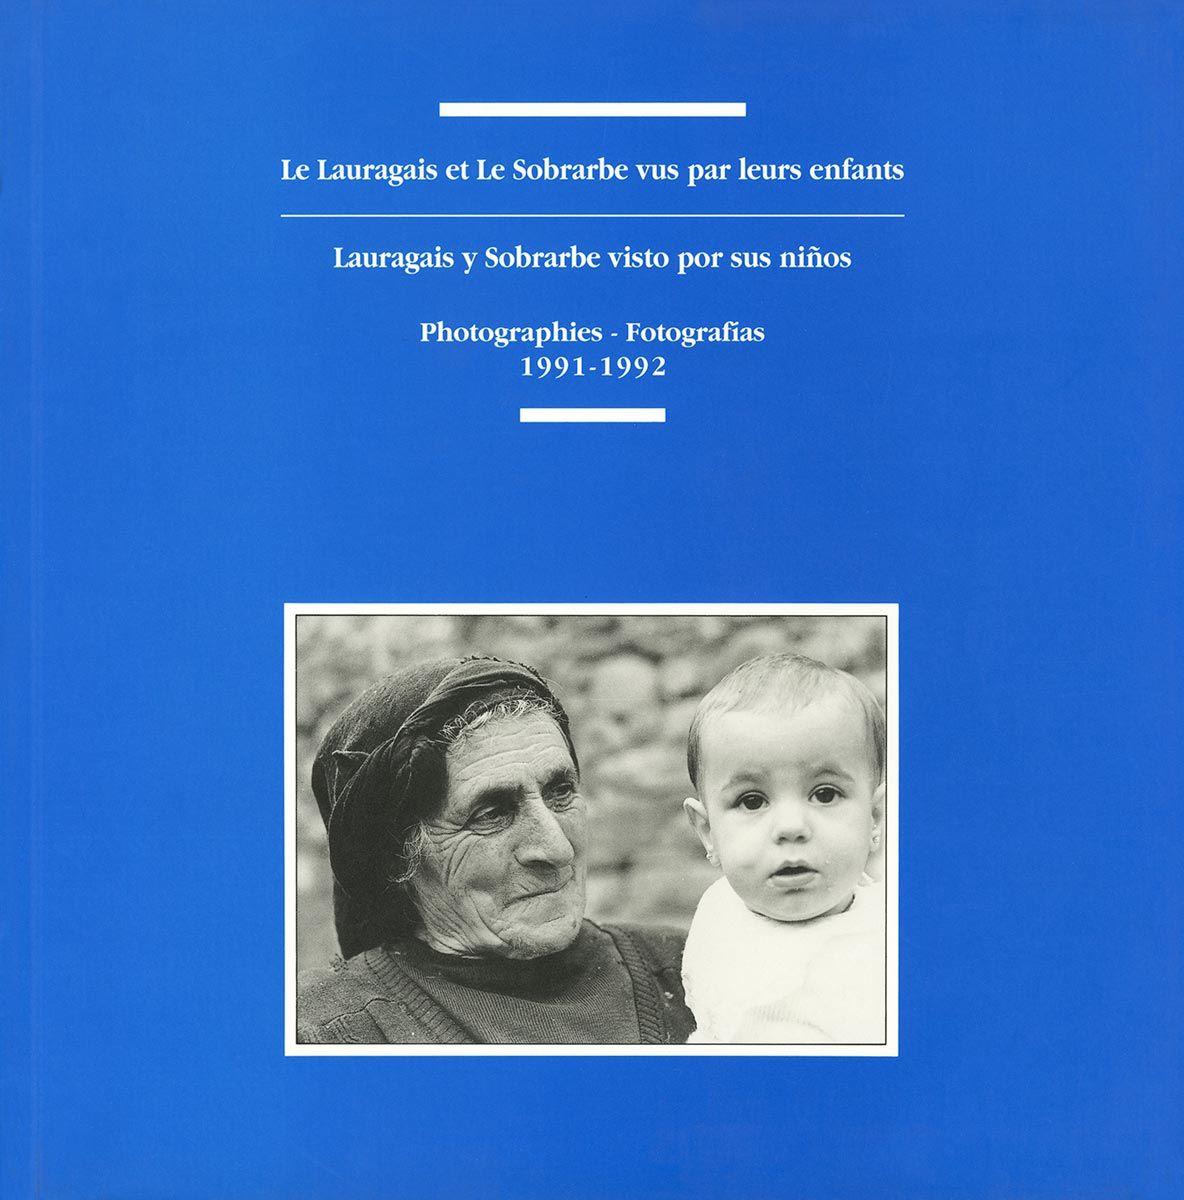 Del 1 al 8 de junio, Porque este año en la Feria del Libro, tenemos como país invitado a Francia,  ¡Bonjour voisins!  http://roble.unizar.es/record=b1190452~S1*spi